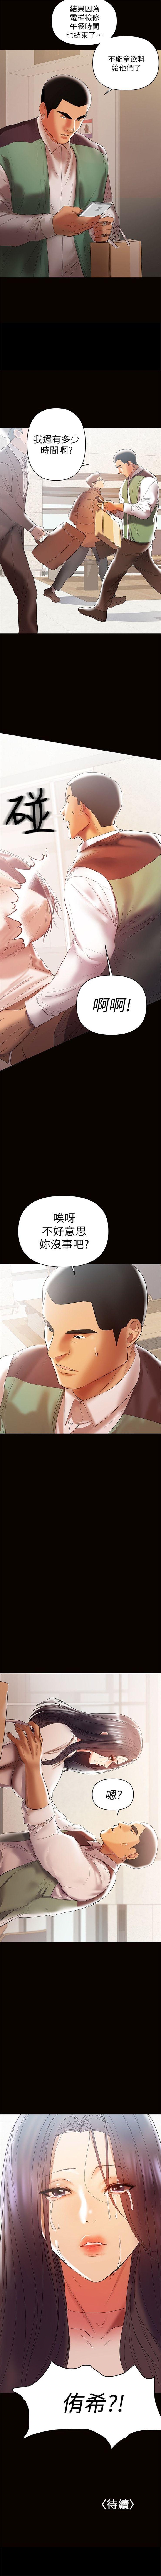 (週6)兼職奶媽 1-31 中文翻譯 (更新中) 68